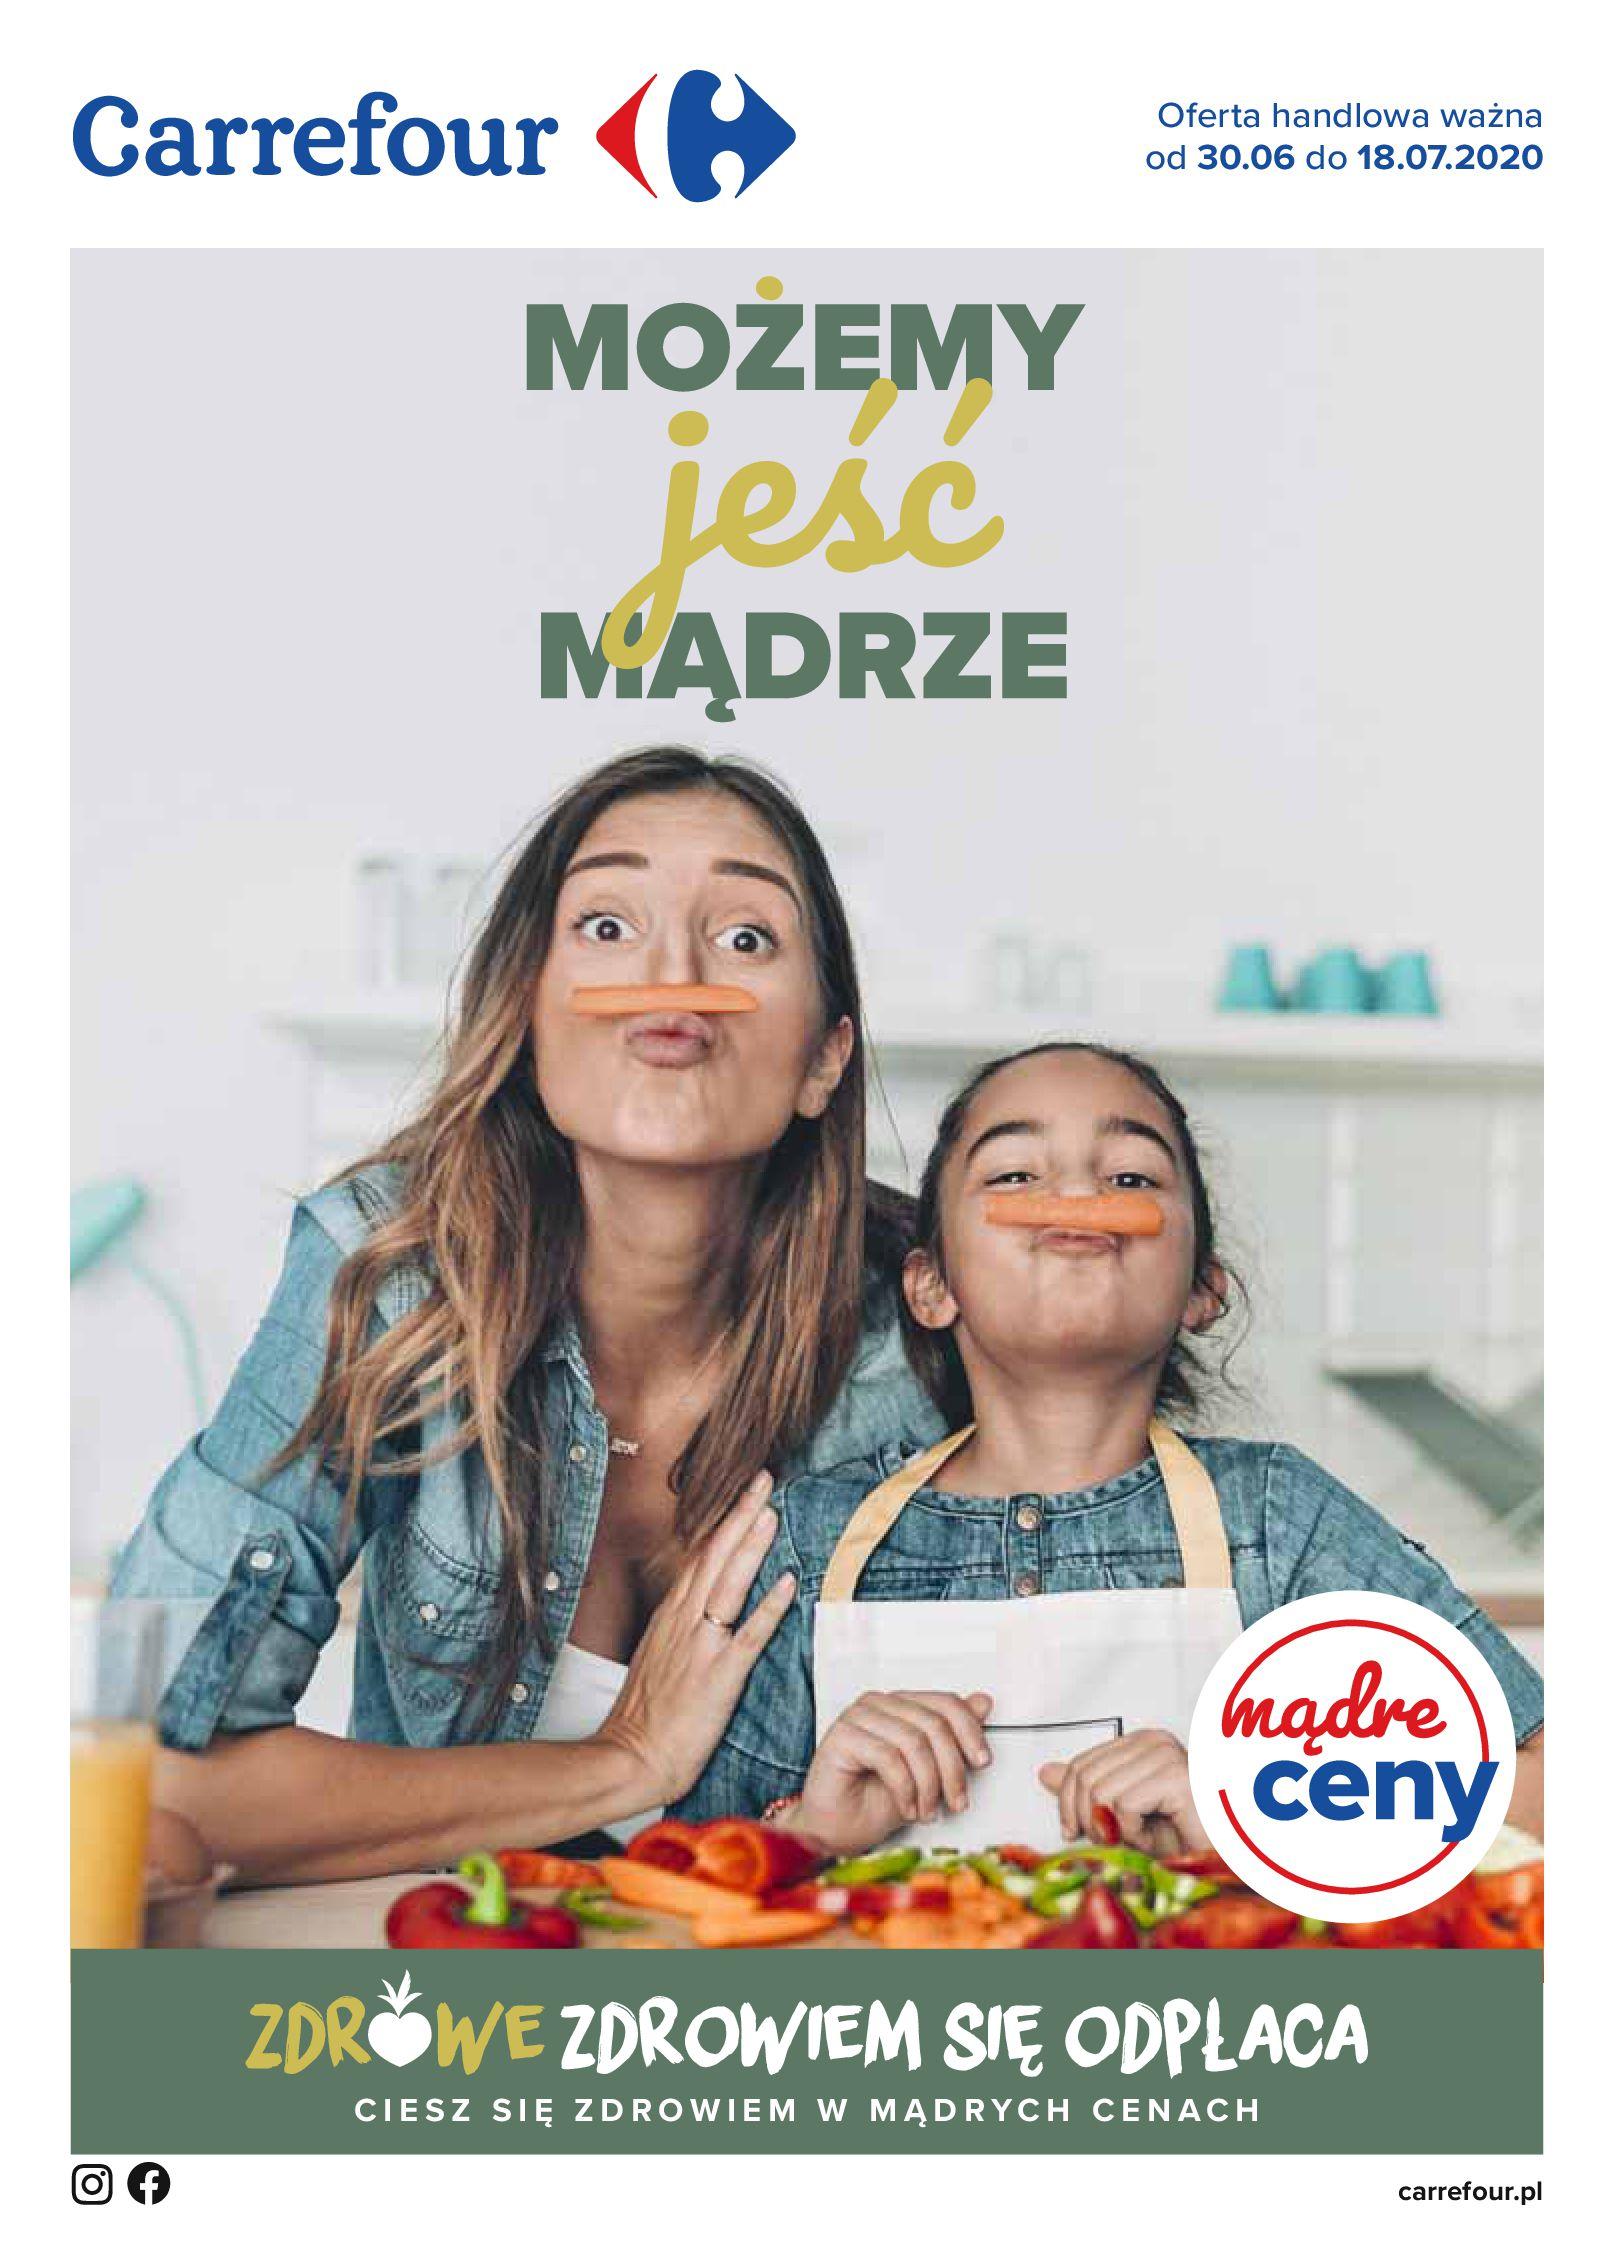 Gazetka Carrefour - Katalog - Możemy jeść mądrze-29.06.2020-18.07.2020-page-1